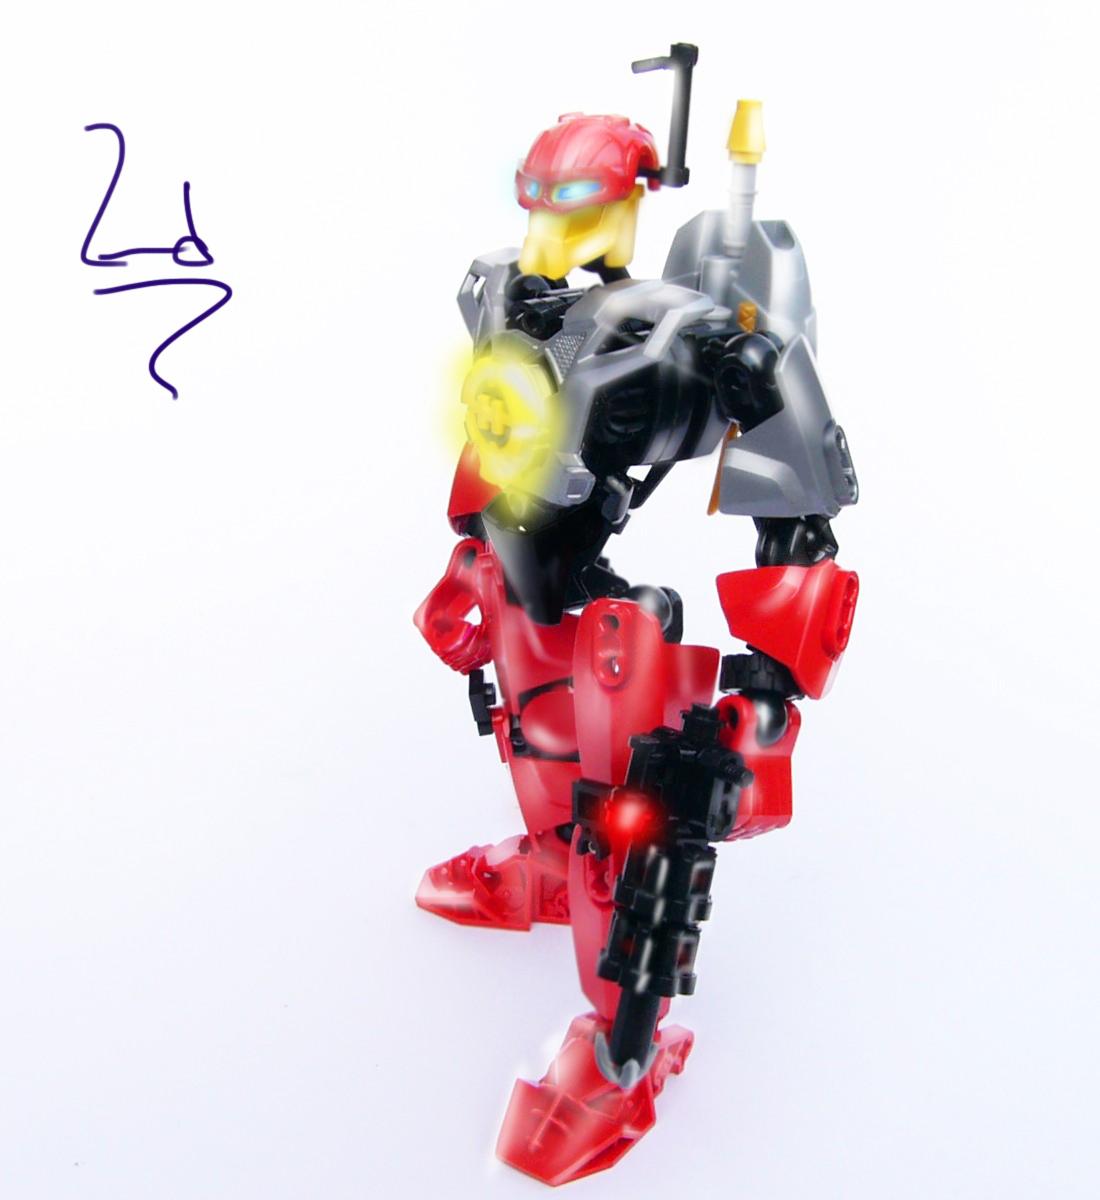 [MOC] Zed Zed2